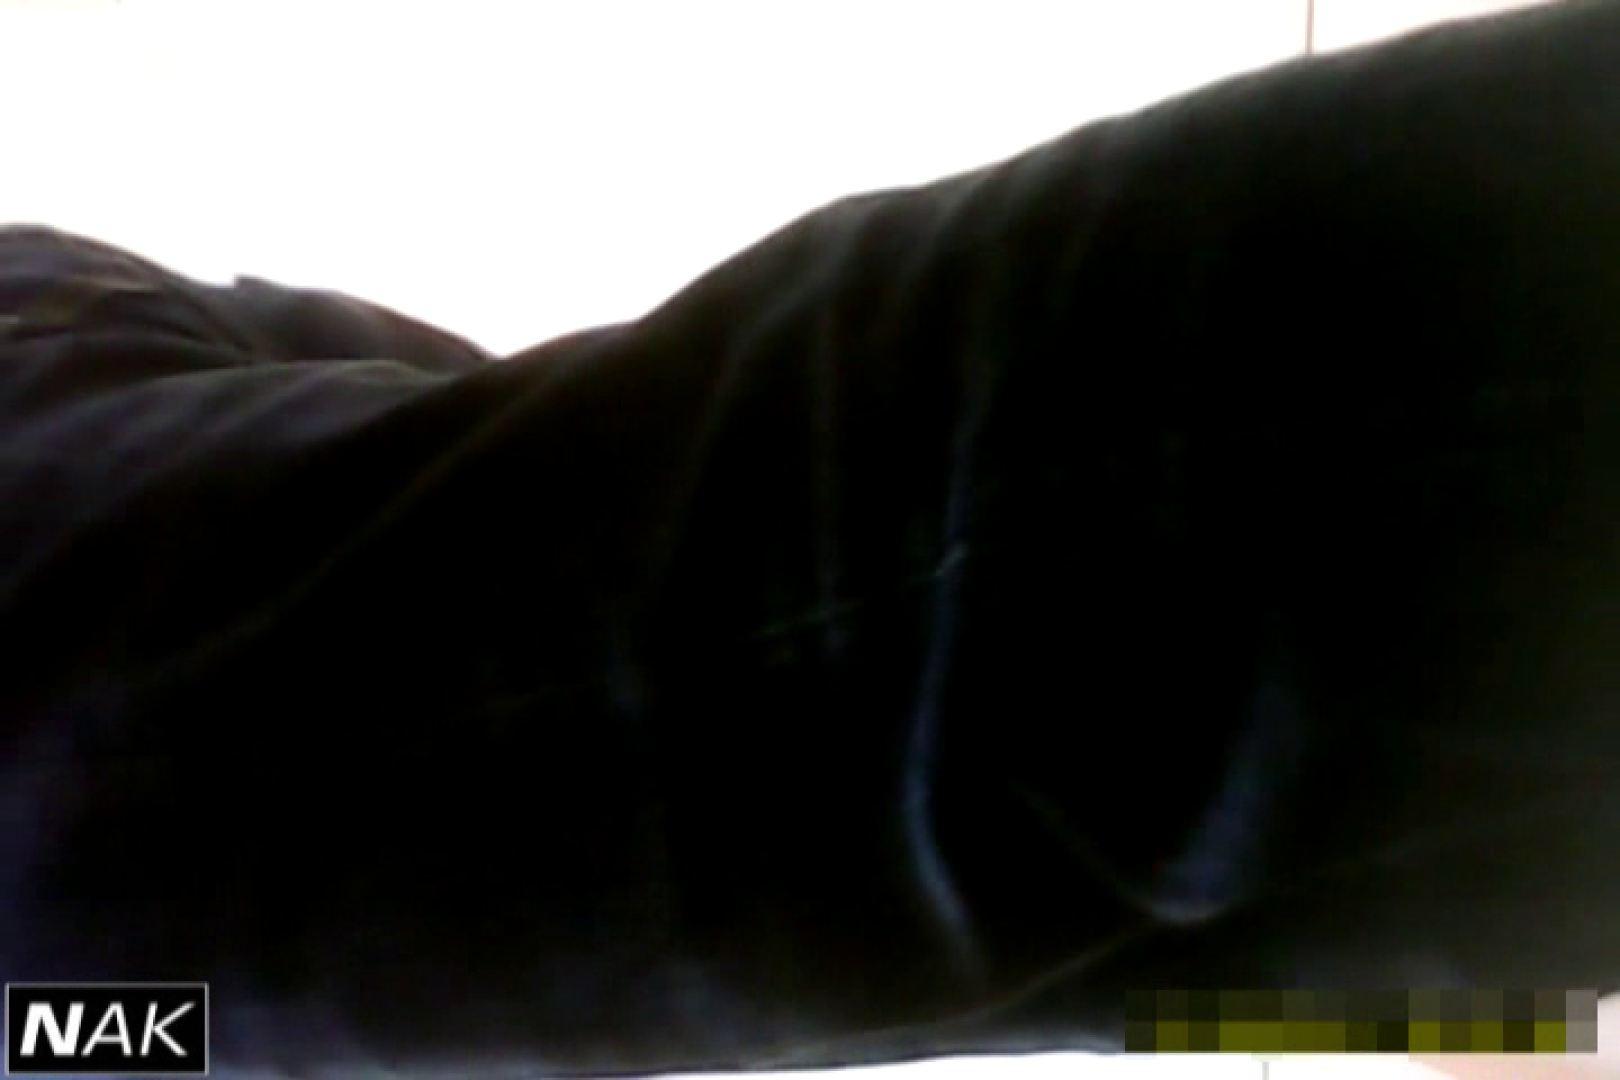 超高画質5000K!脅威の1点集中かわや! vol.08 マンコエロすぎ おまんこ無修正動画無料 93PIX 57